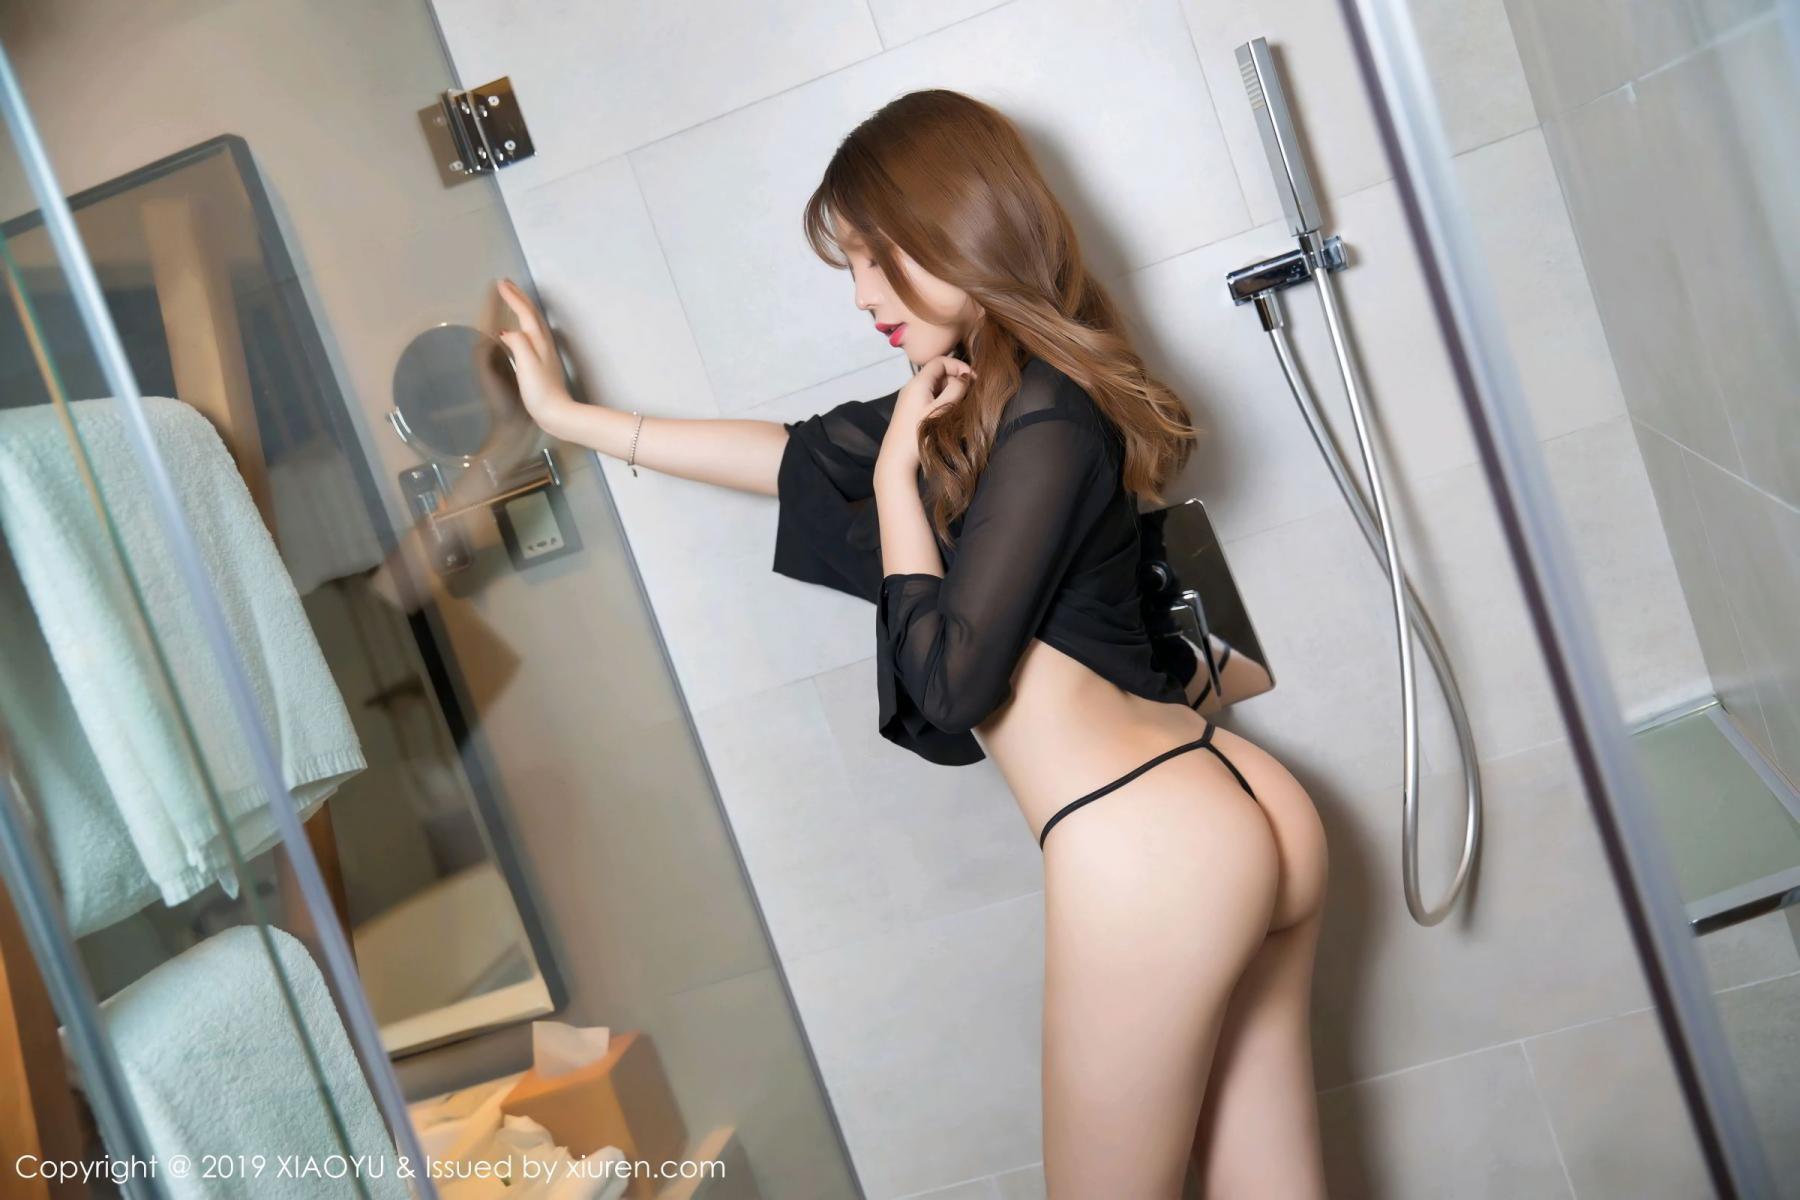 [XiaoYu] Vol.105 Chen Zhi 15P, Bathroom, Big Booty, Chen Zhi, Wet, XiaoYu